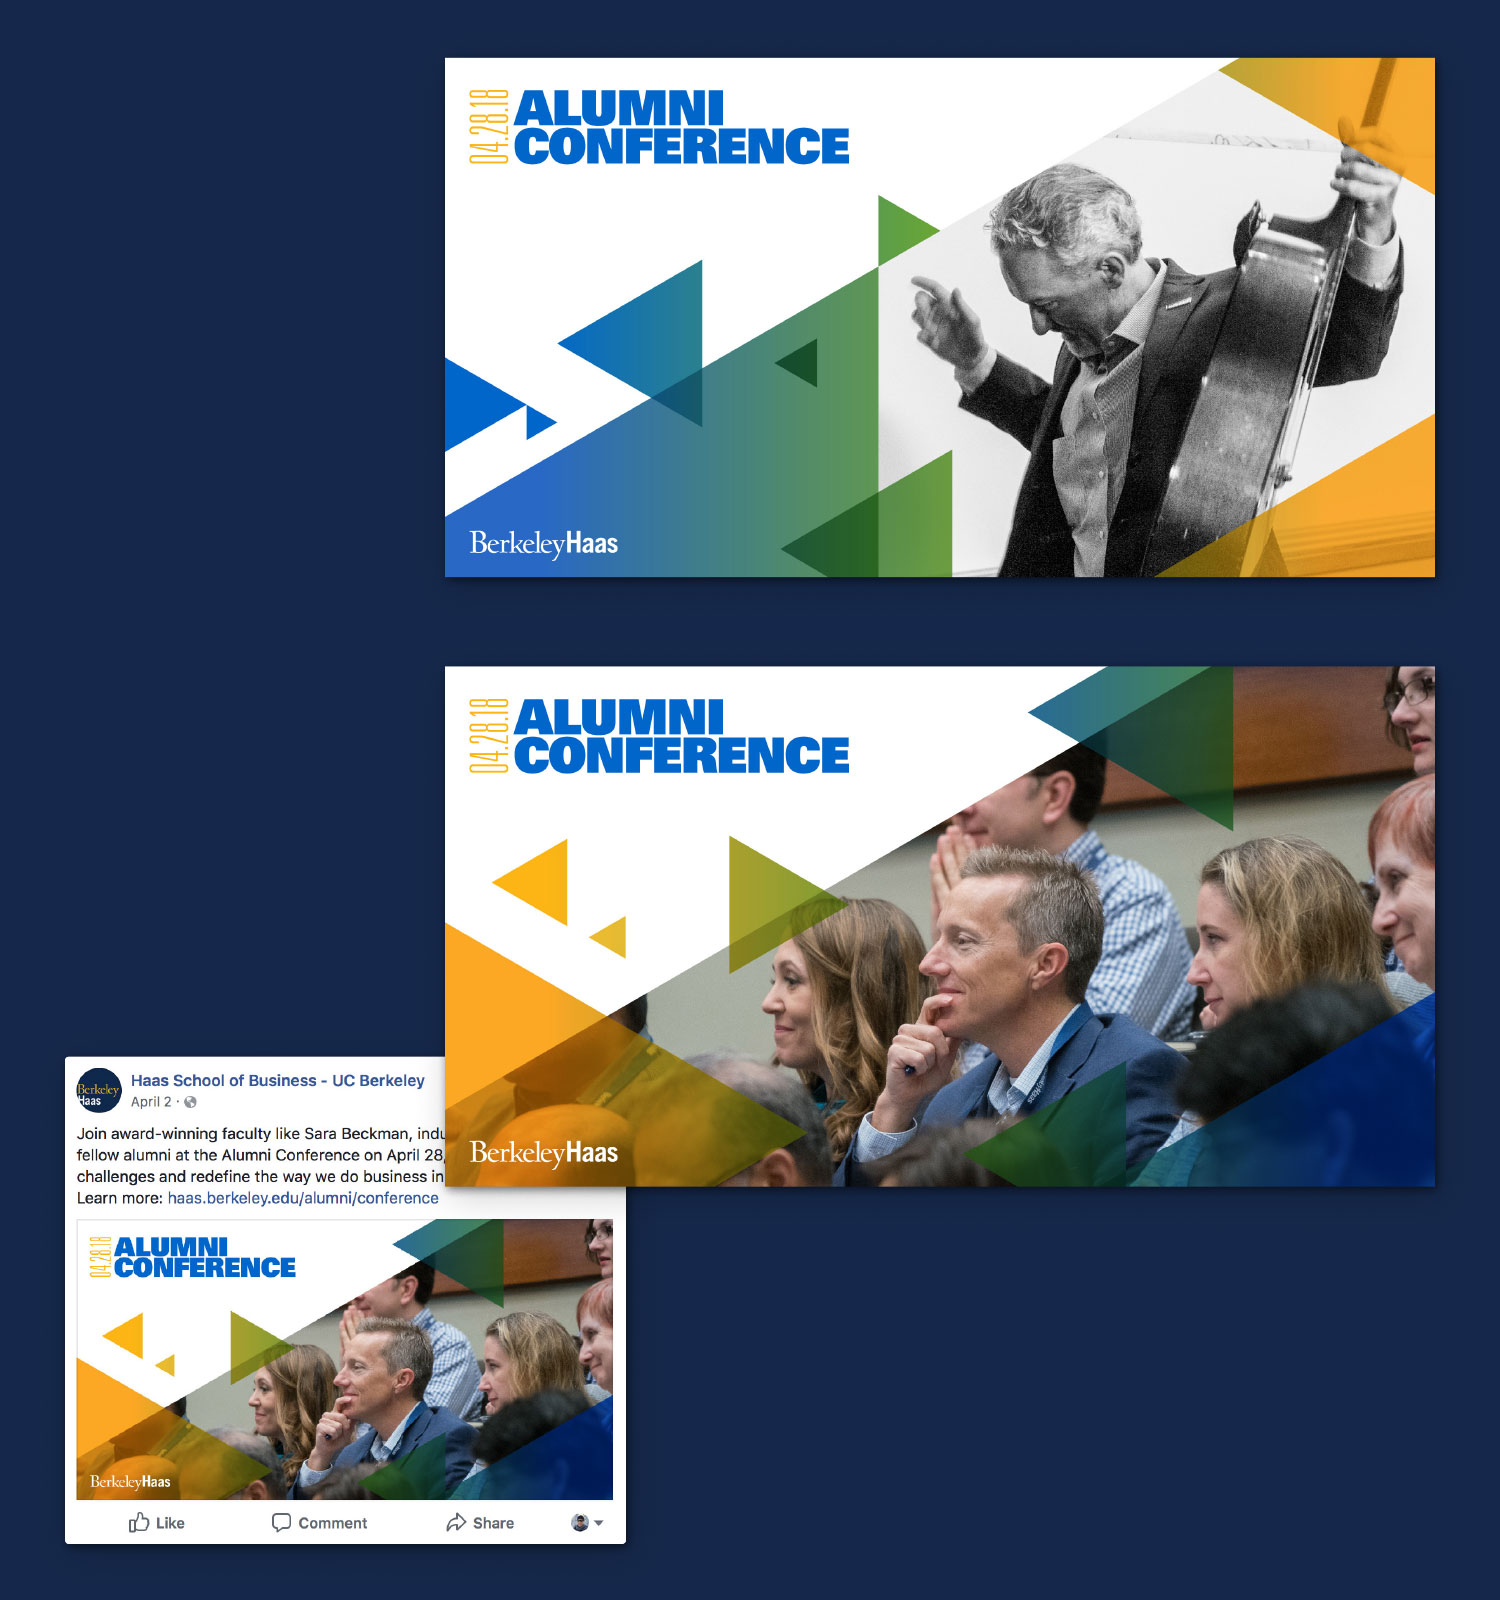 Haas School Alumni Conference Social Media Graphic